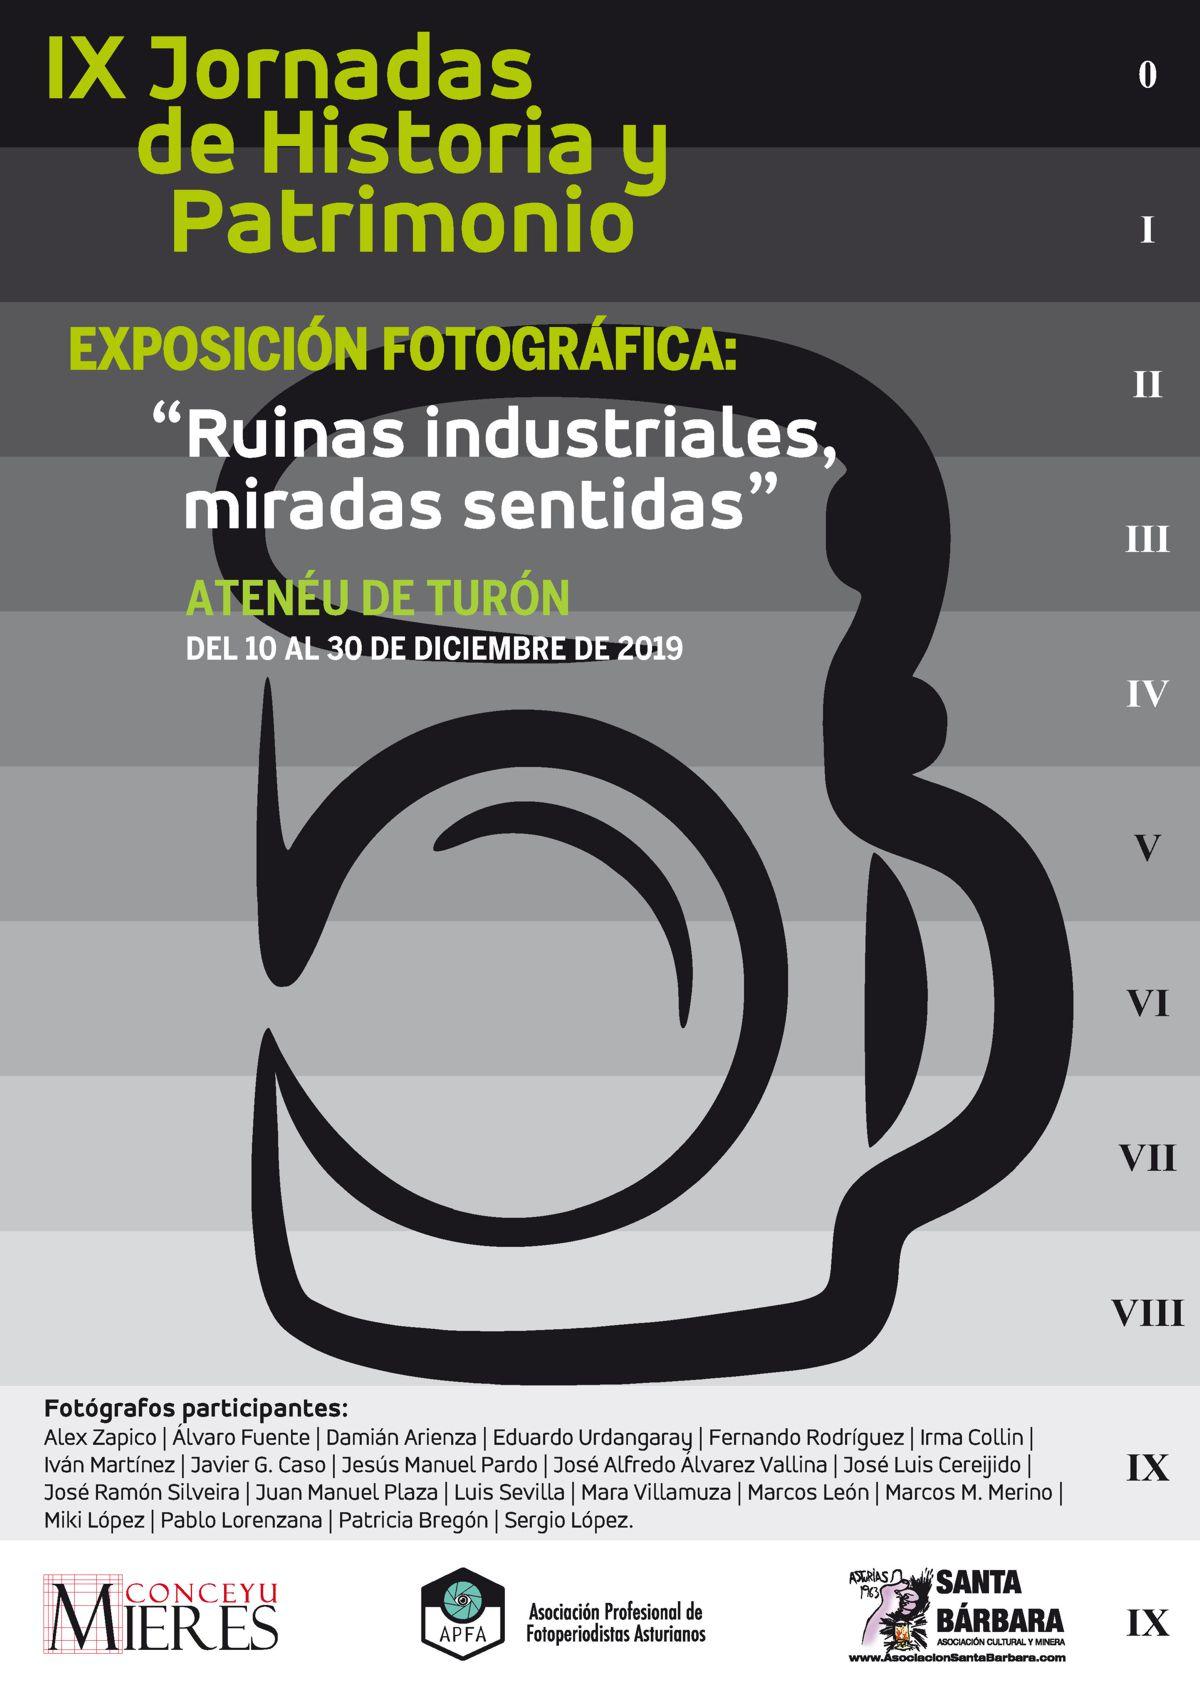 Cartel Web IX Jornadas Historia Y Patrimonio Cartel (Expo Fotografica)